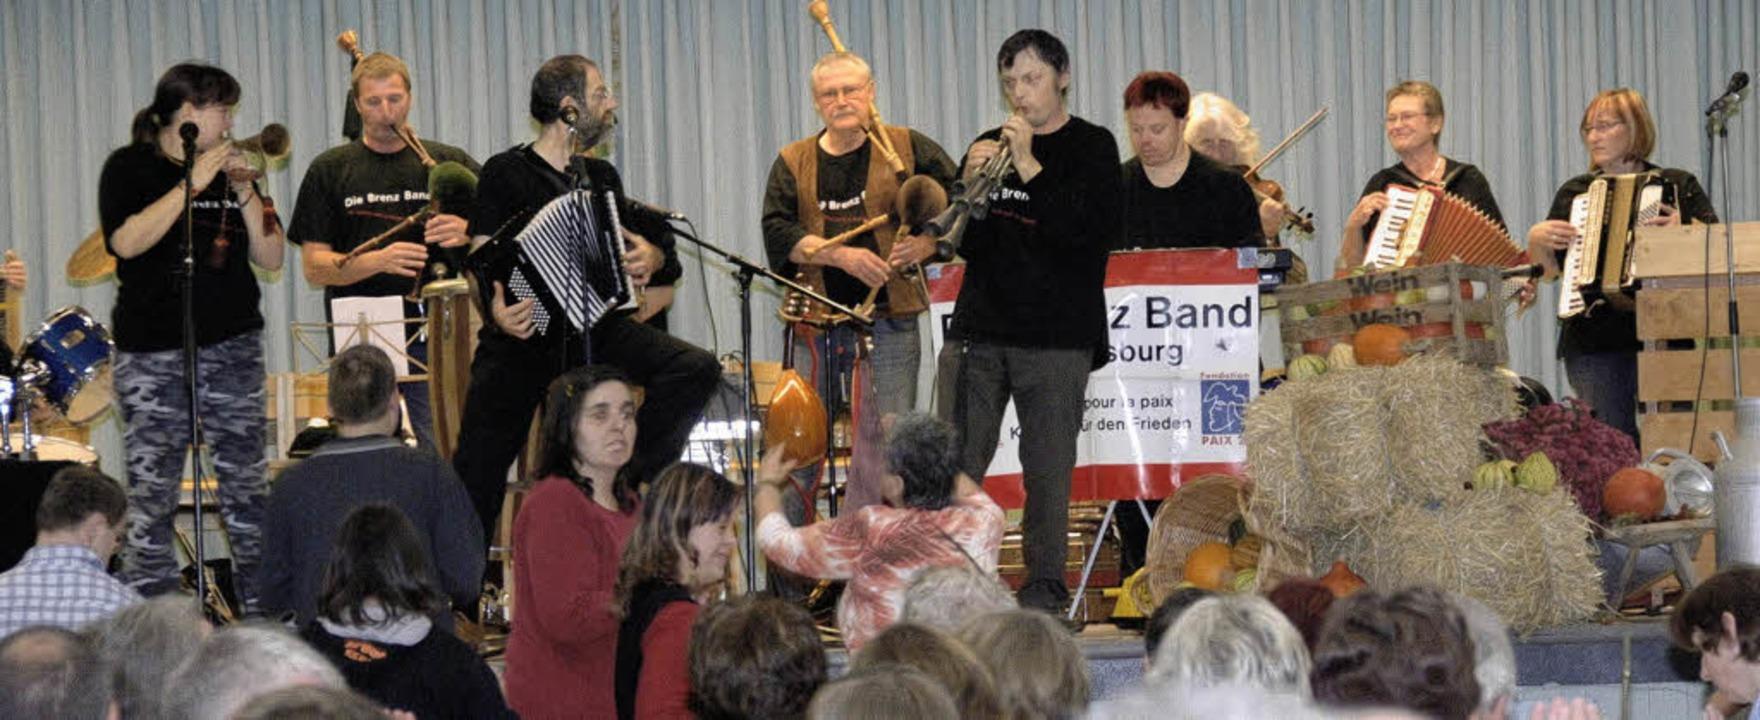 Für ausgezeichnete Stimmung sorgte die Brenz Band aus Ludwigsburg.   | Foto: Volker Münch